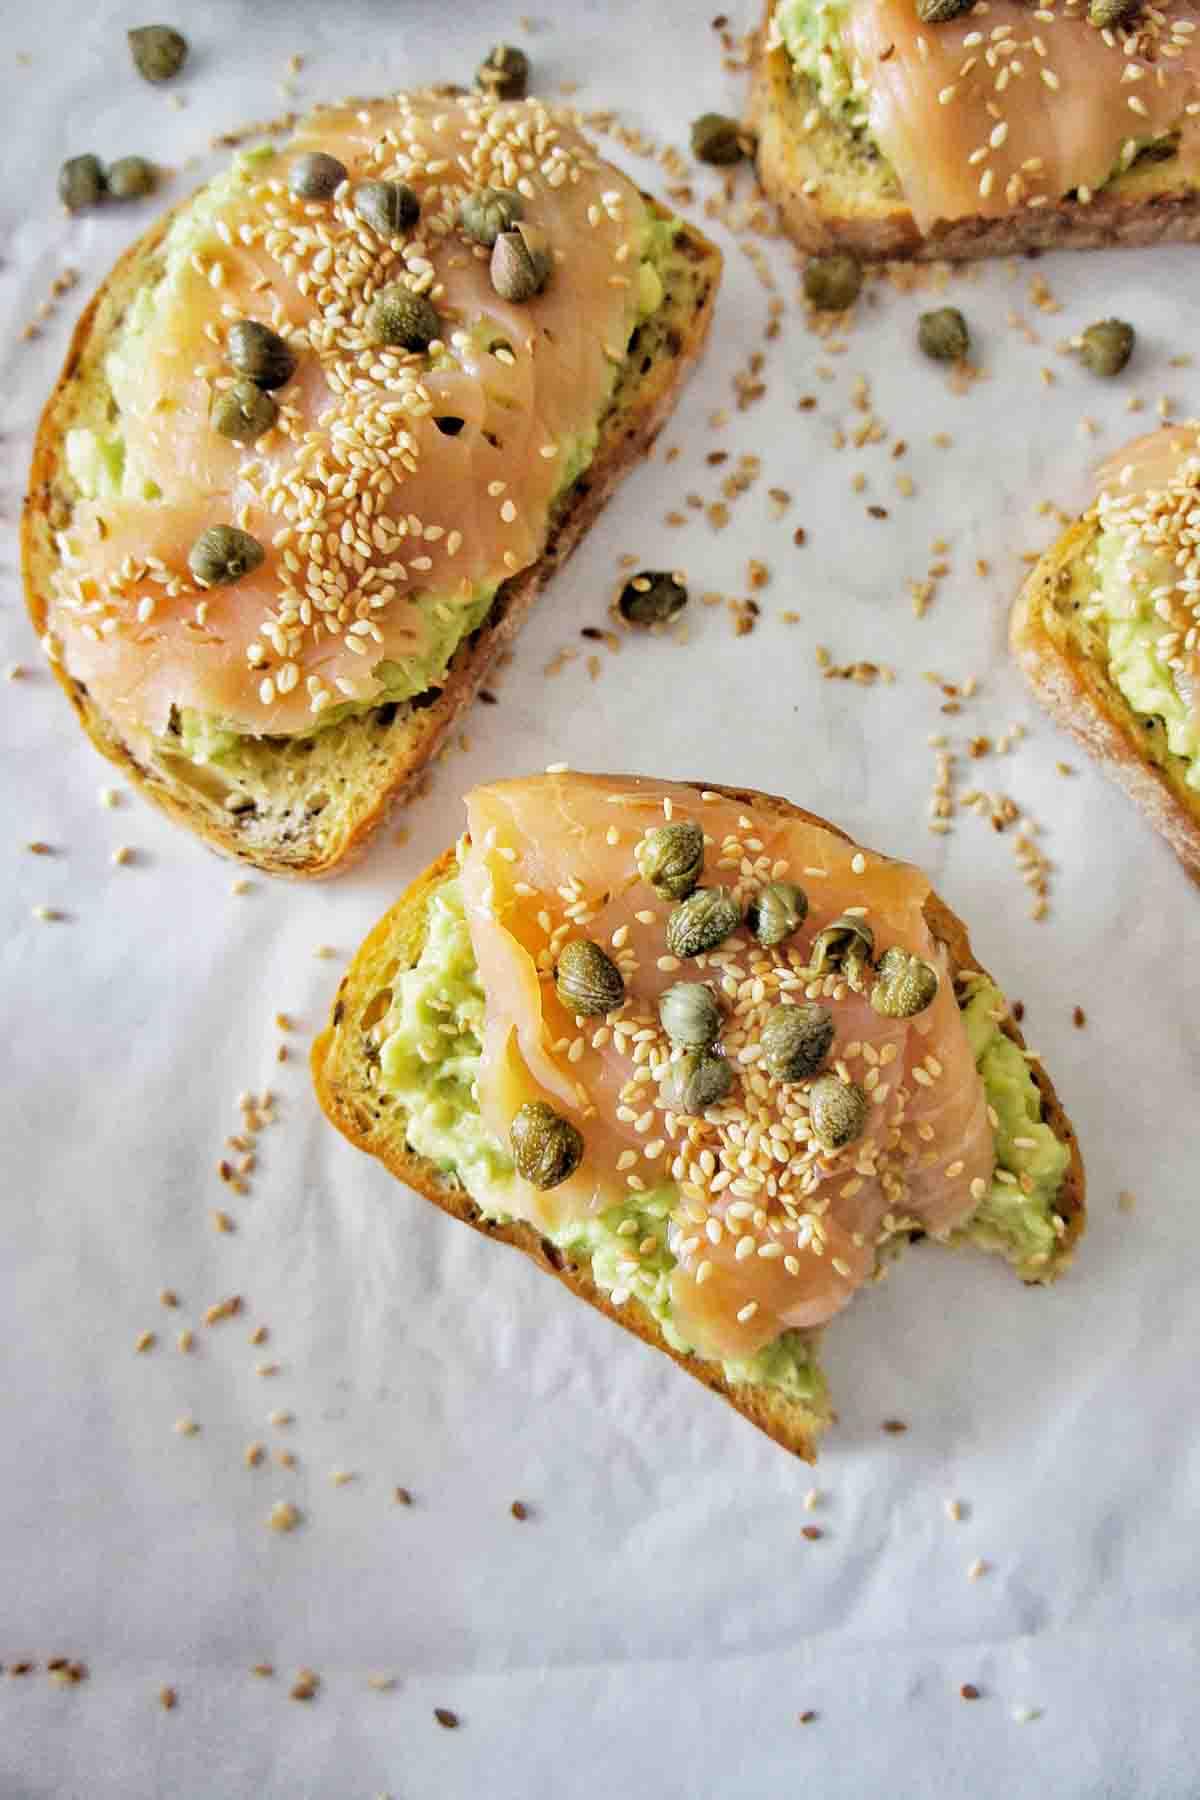 Salmon Avocado Toast on white background